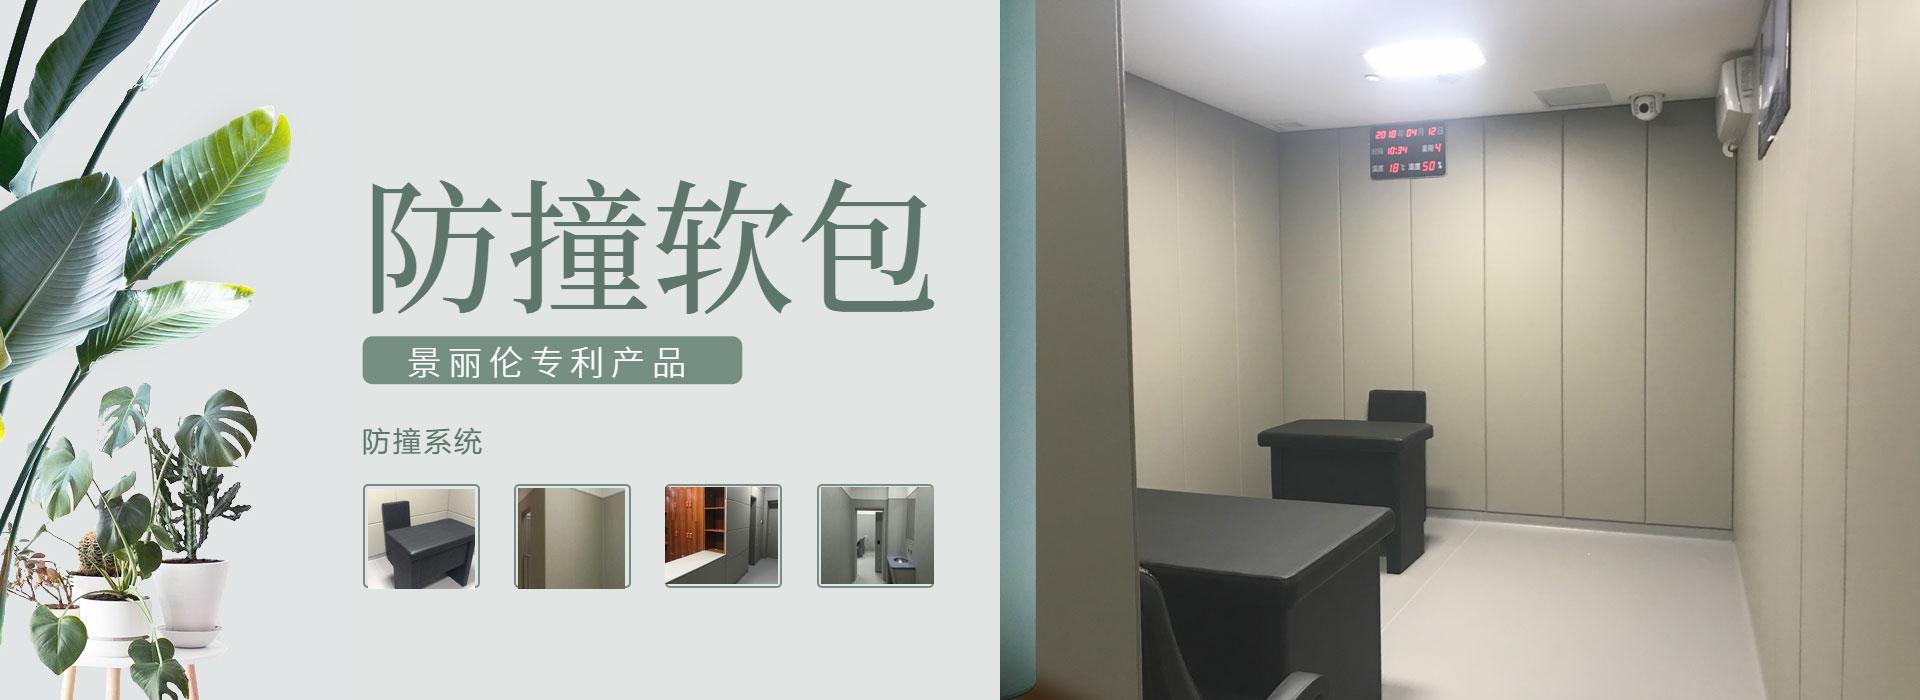 减震垫的主要性能参数-隔音毡直接往墙上贴隔音效果如何